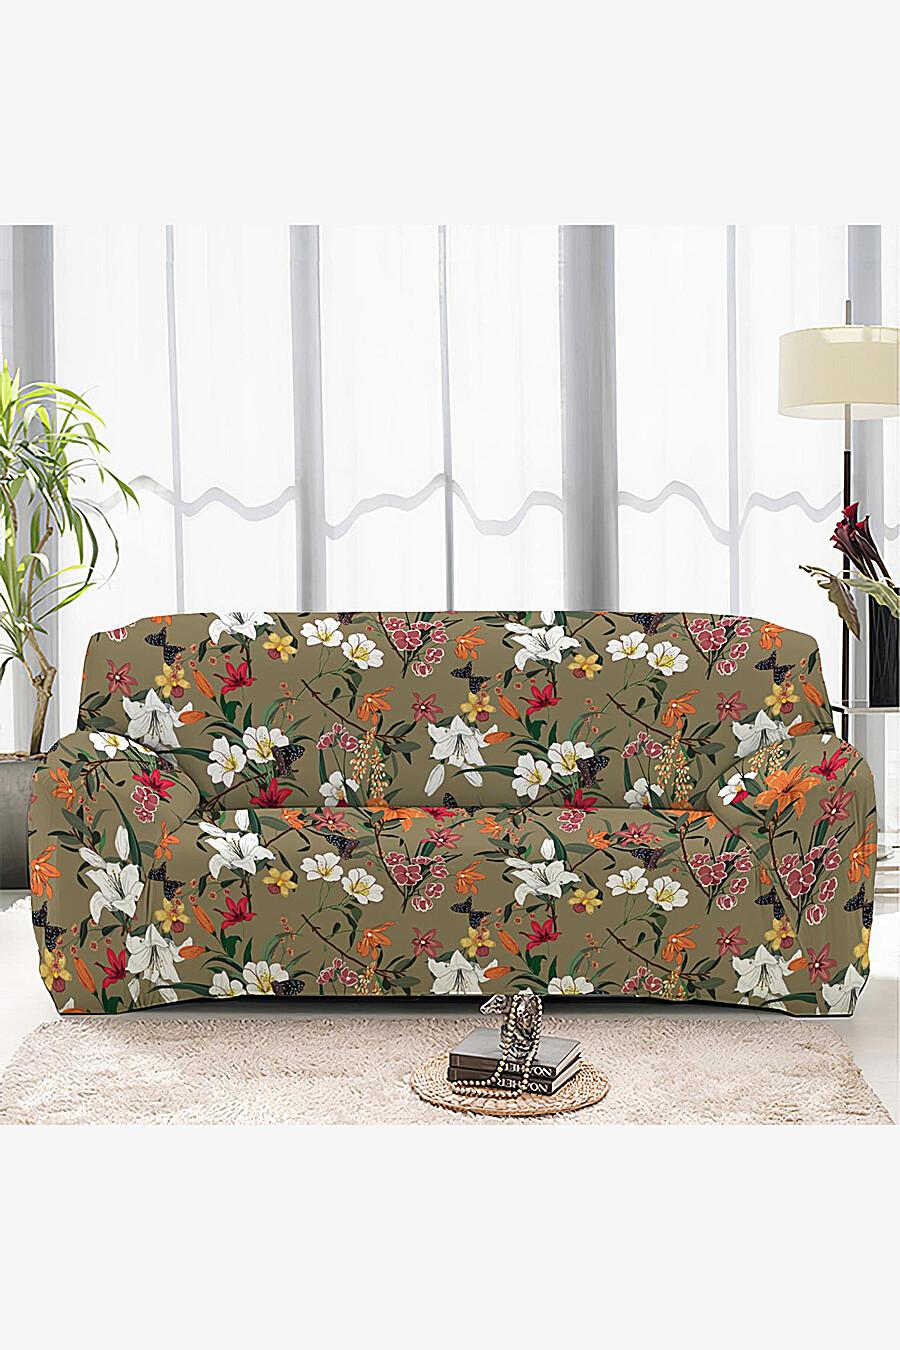 Чехол на диван для дома ART HOME TEXTILE 162768 купить оптом от производителя. Совместная покупка товаров для дома в OptMoyo